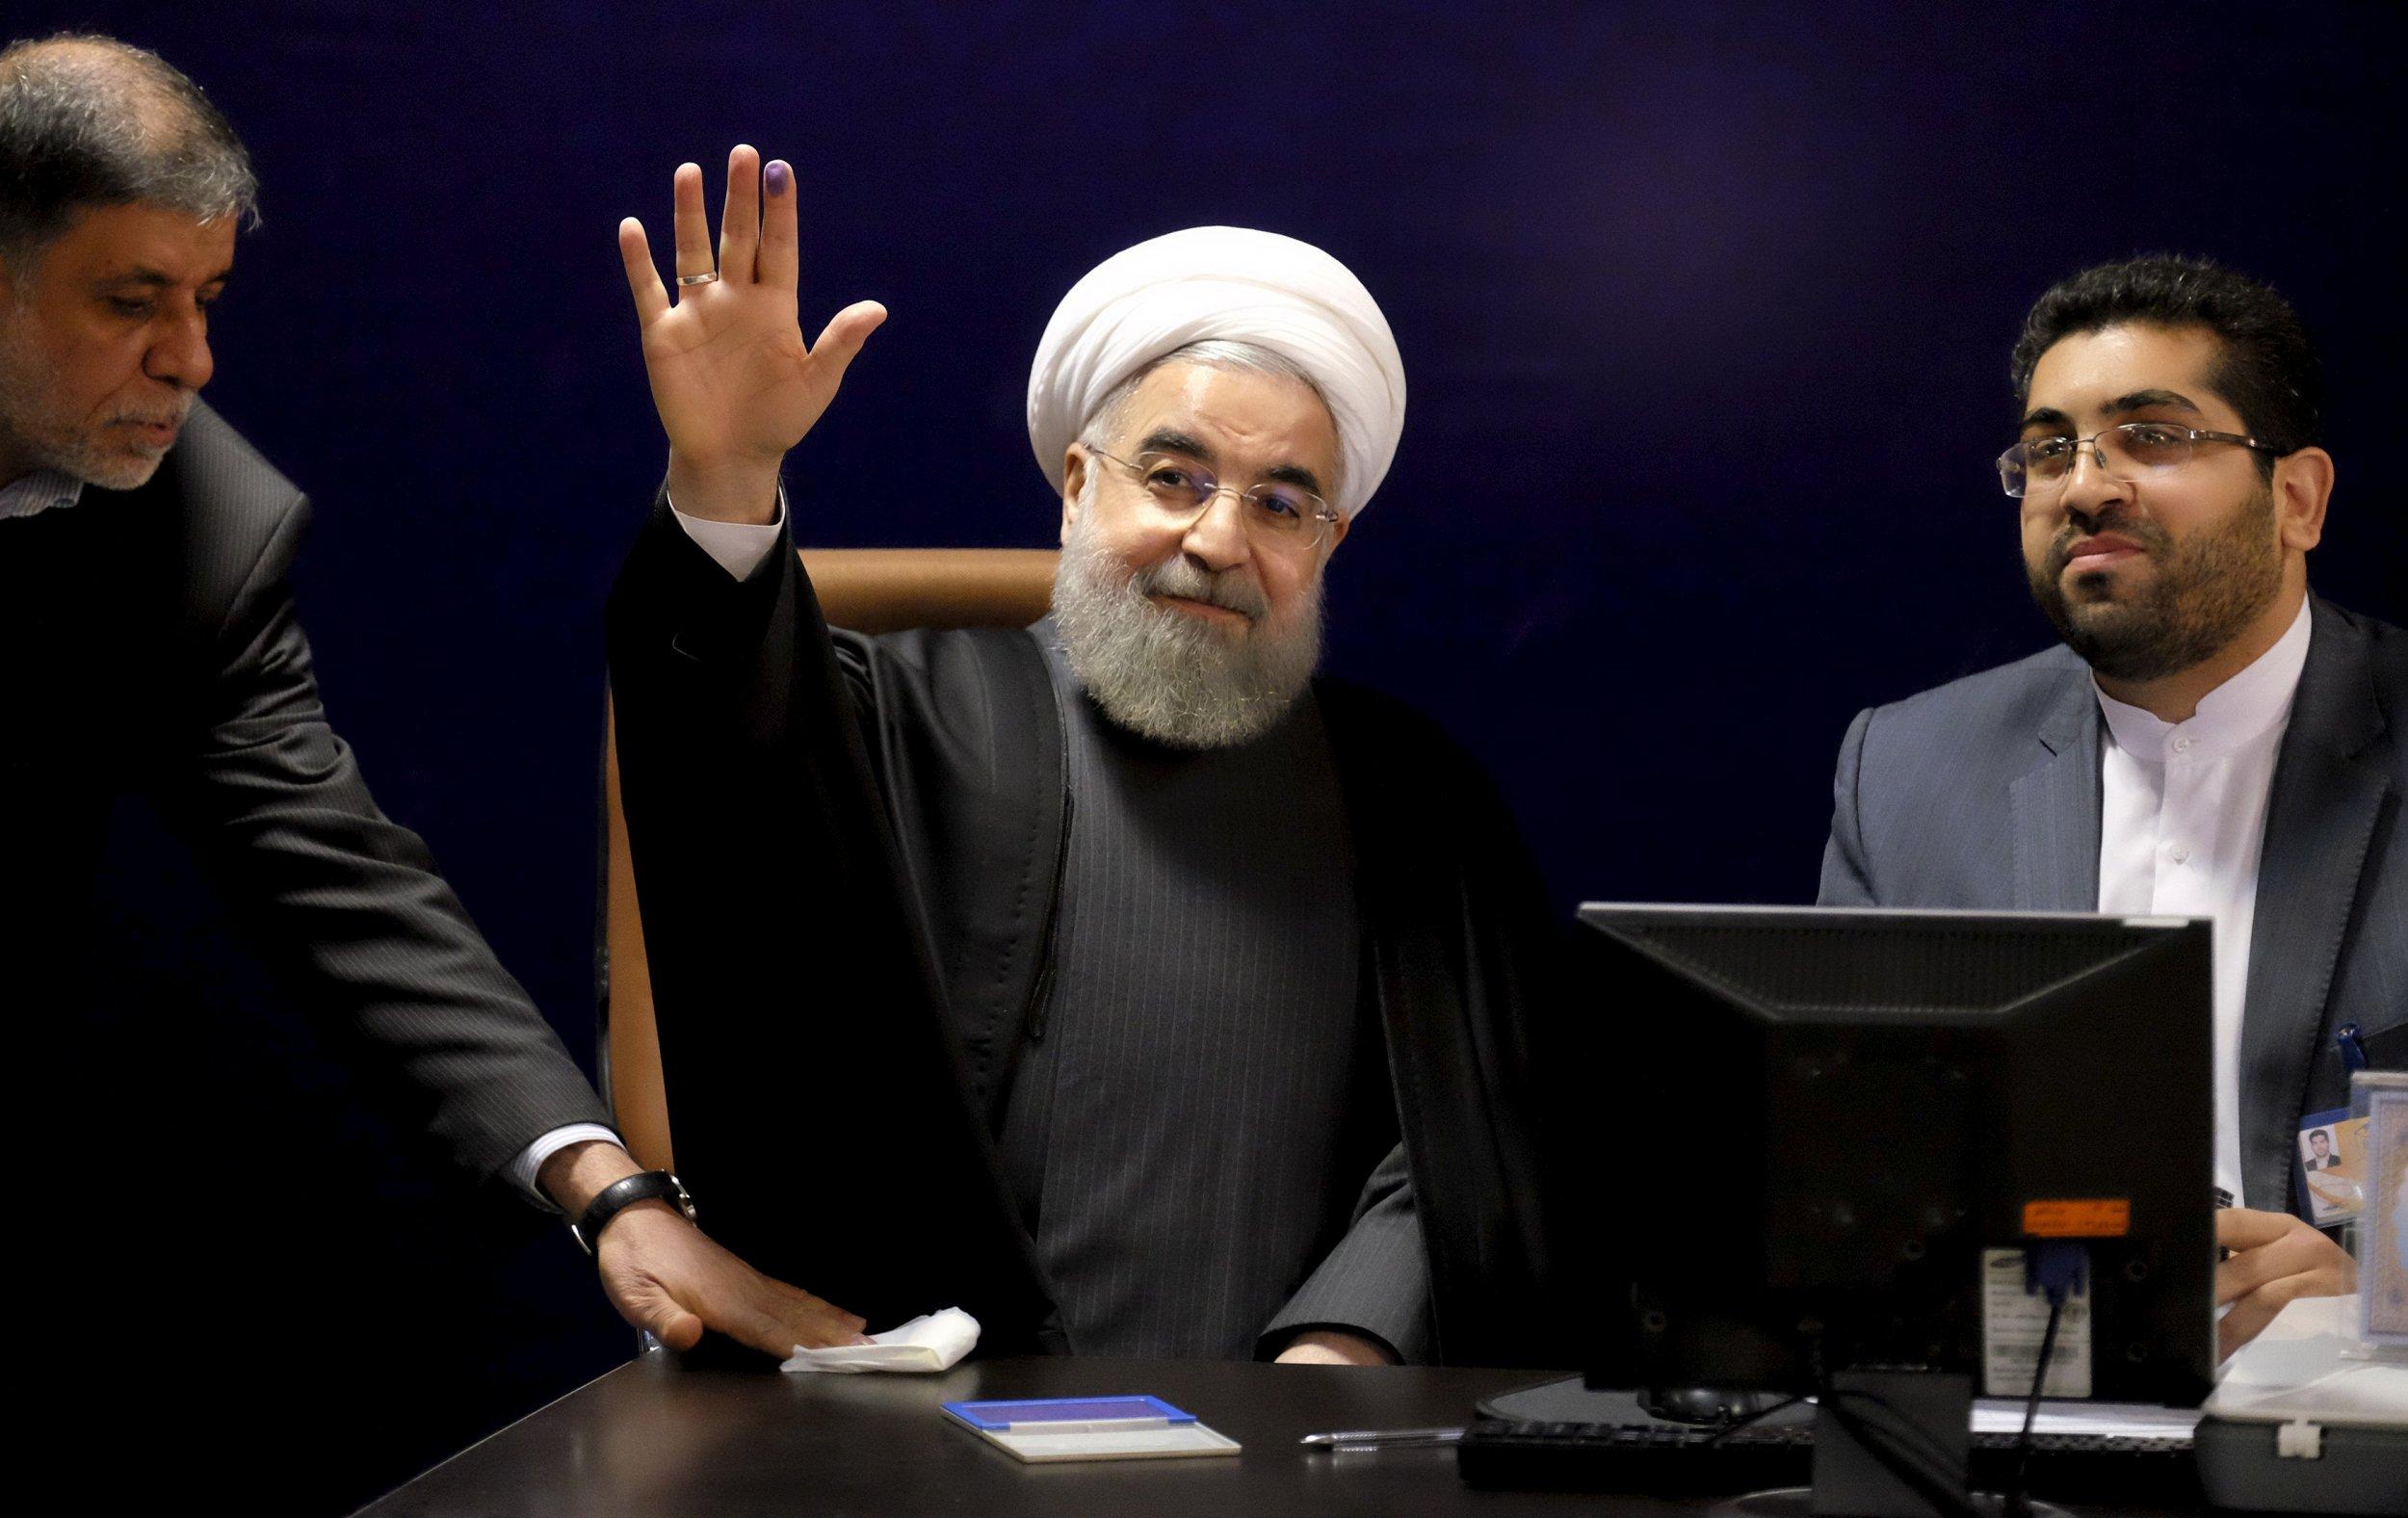 2016-01-17T085147Z_2_LYNXNPEC0G071_RTROPTP_4_IRAN-ELECTION